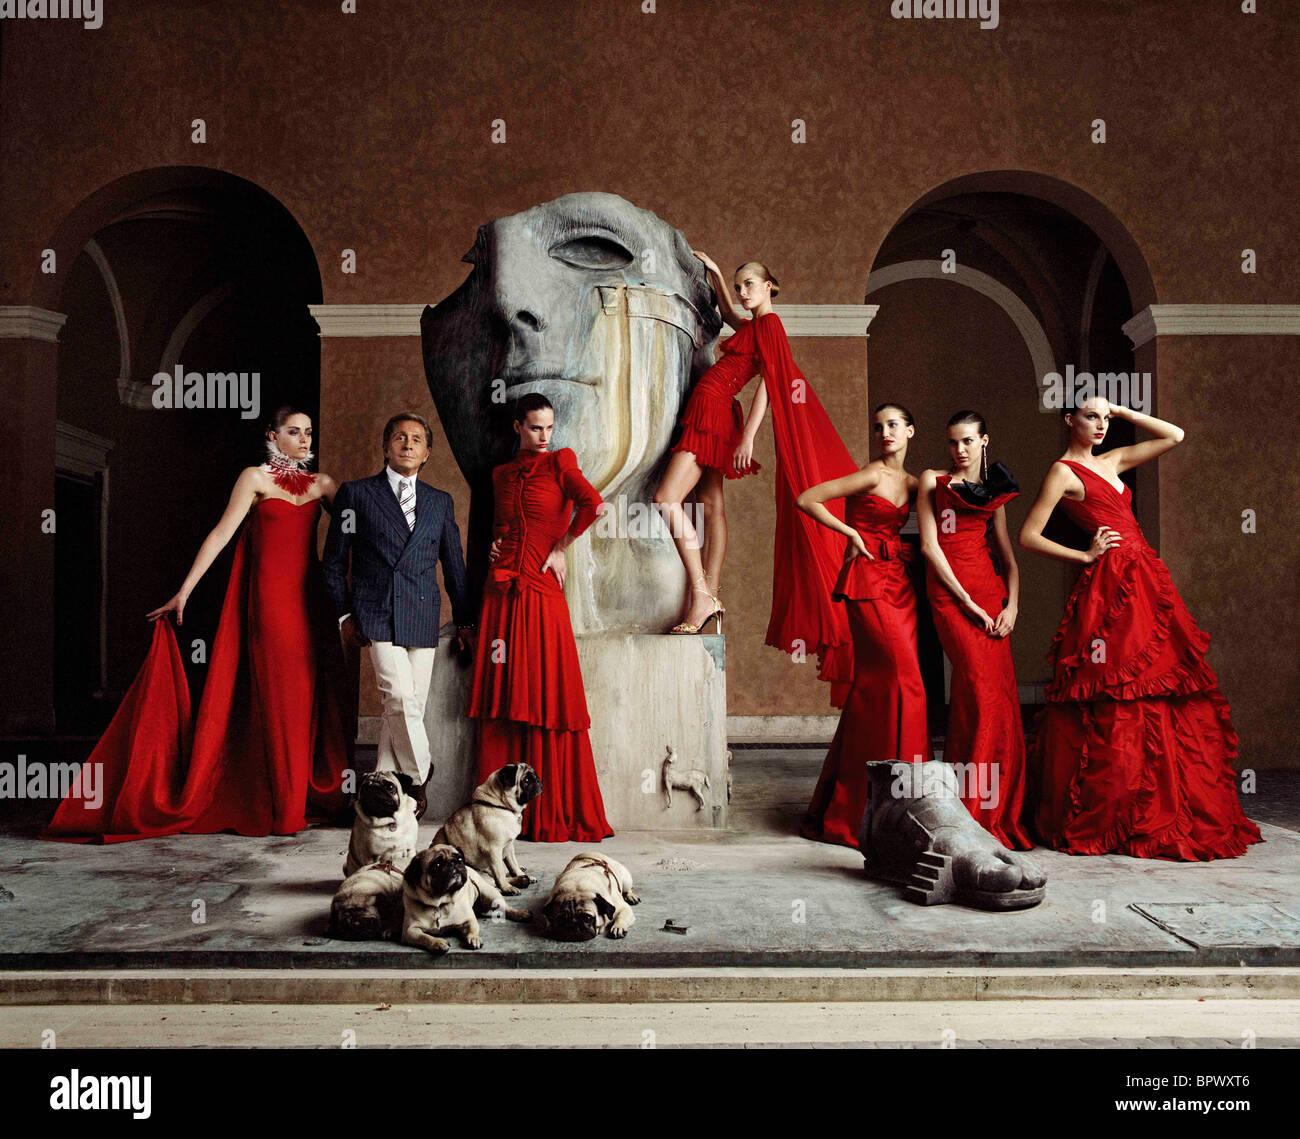 VALENTINO VALENTINO: THE LAST EMPEROR (2008) - Stock Image